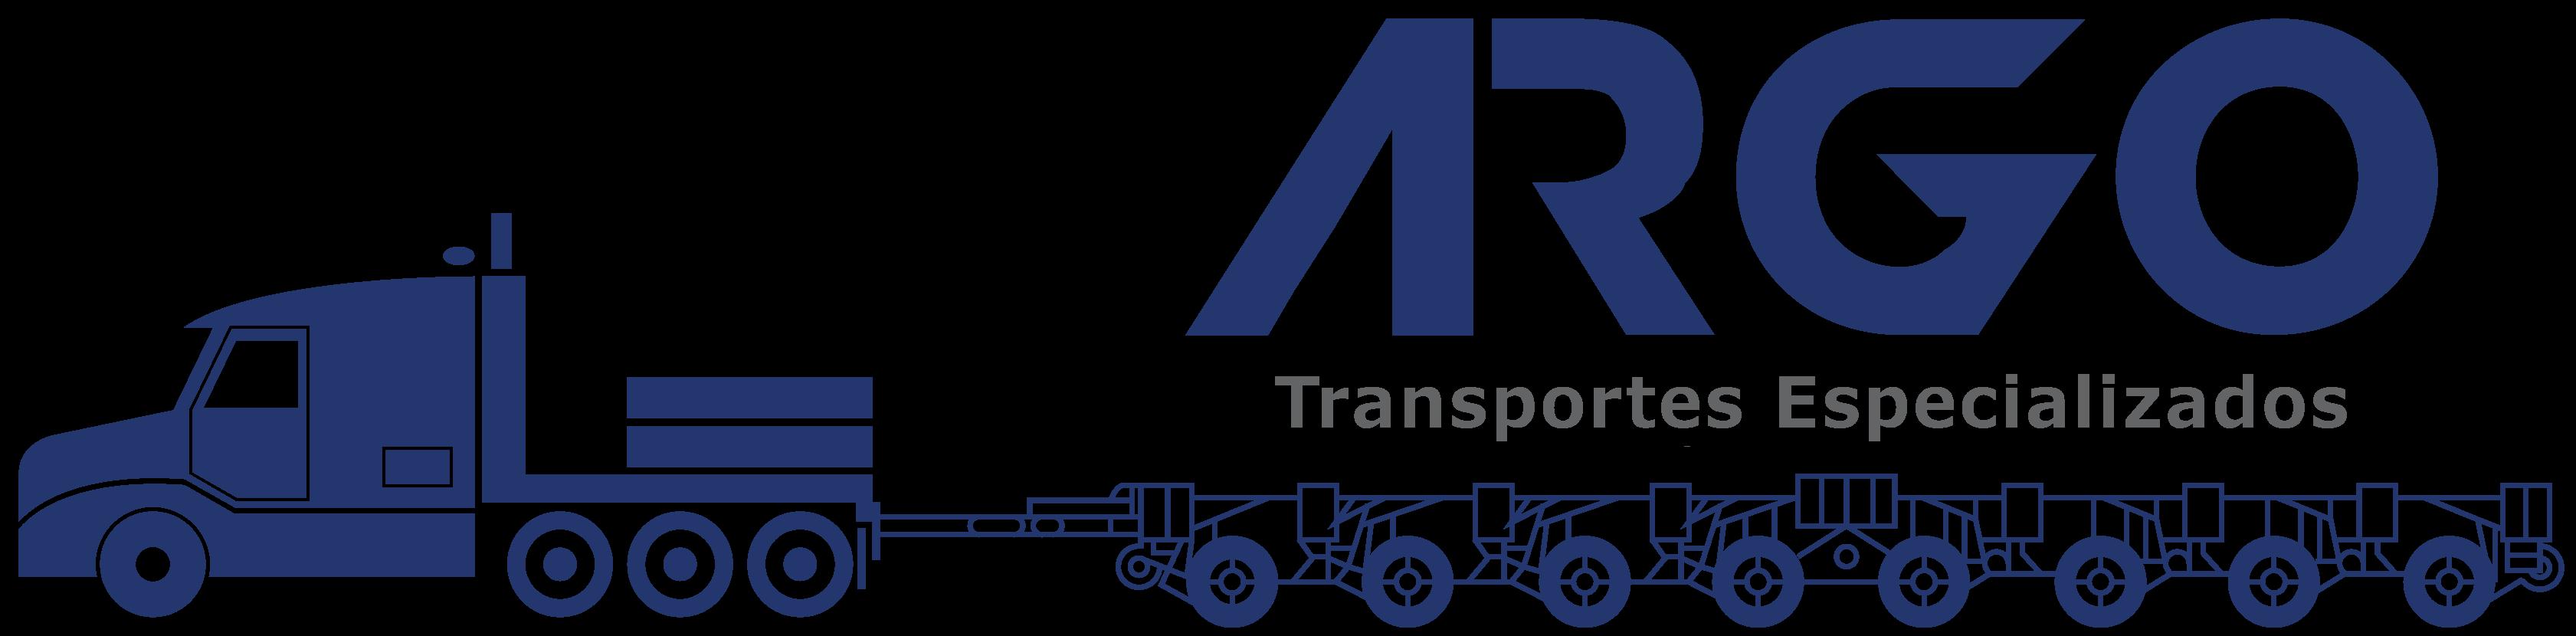 Argo Transportes Especializados